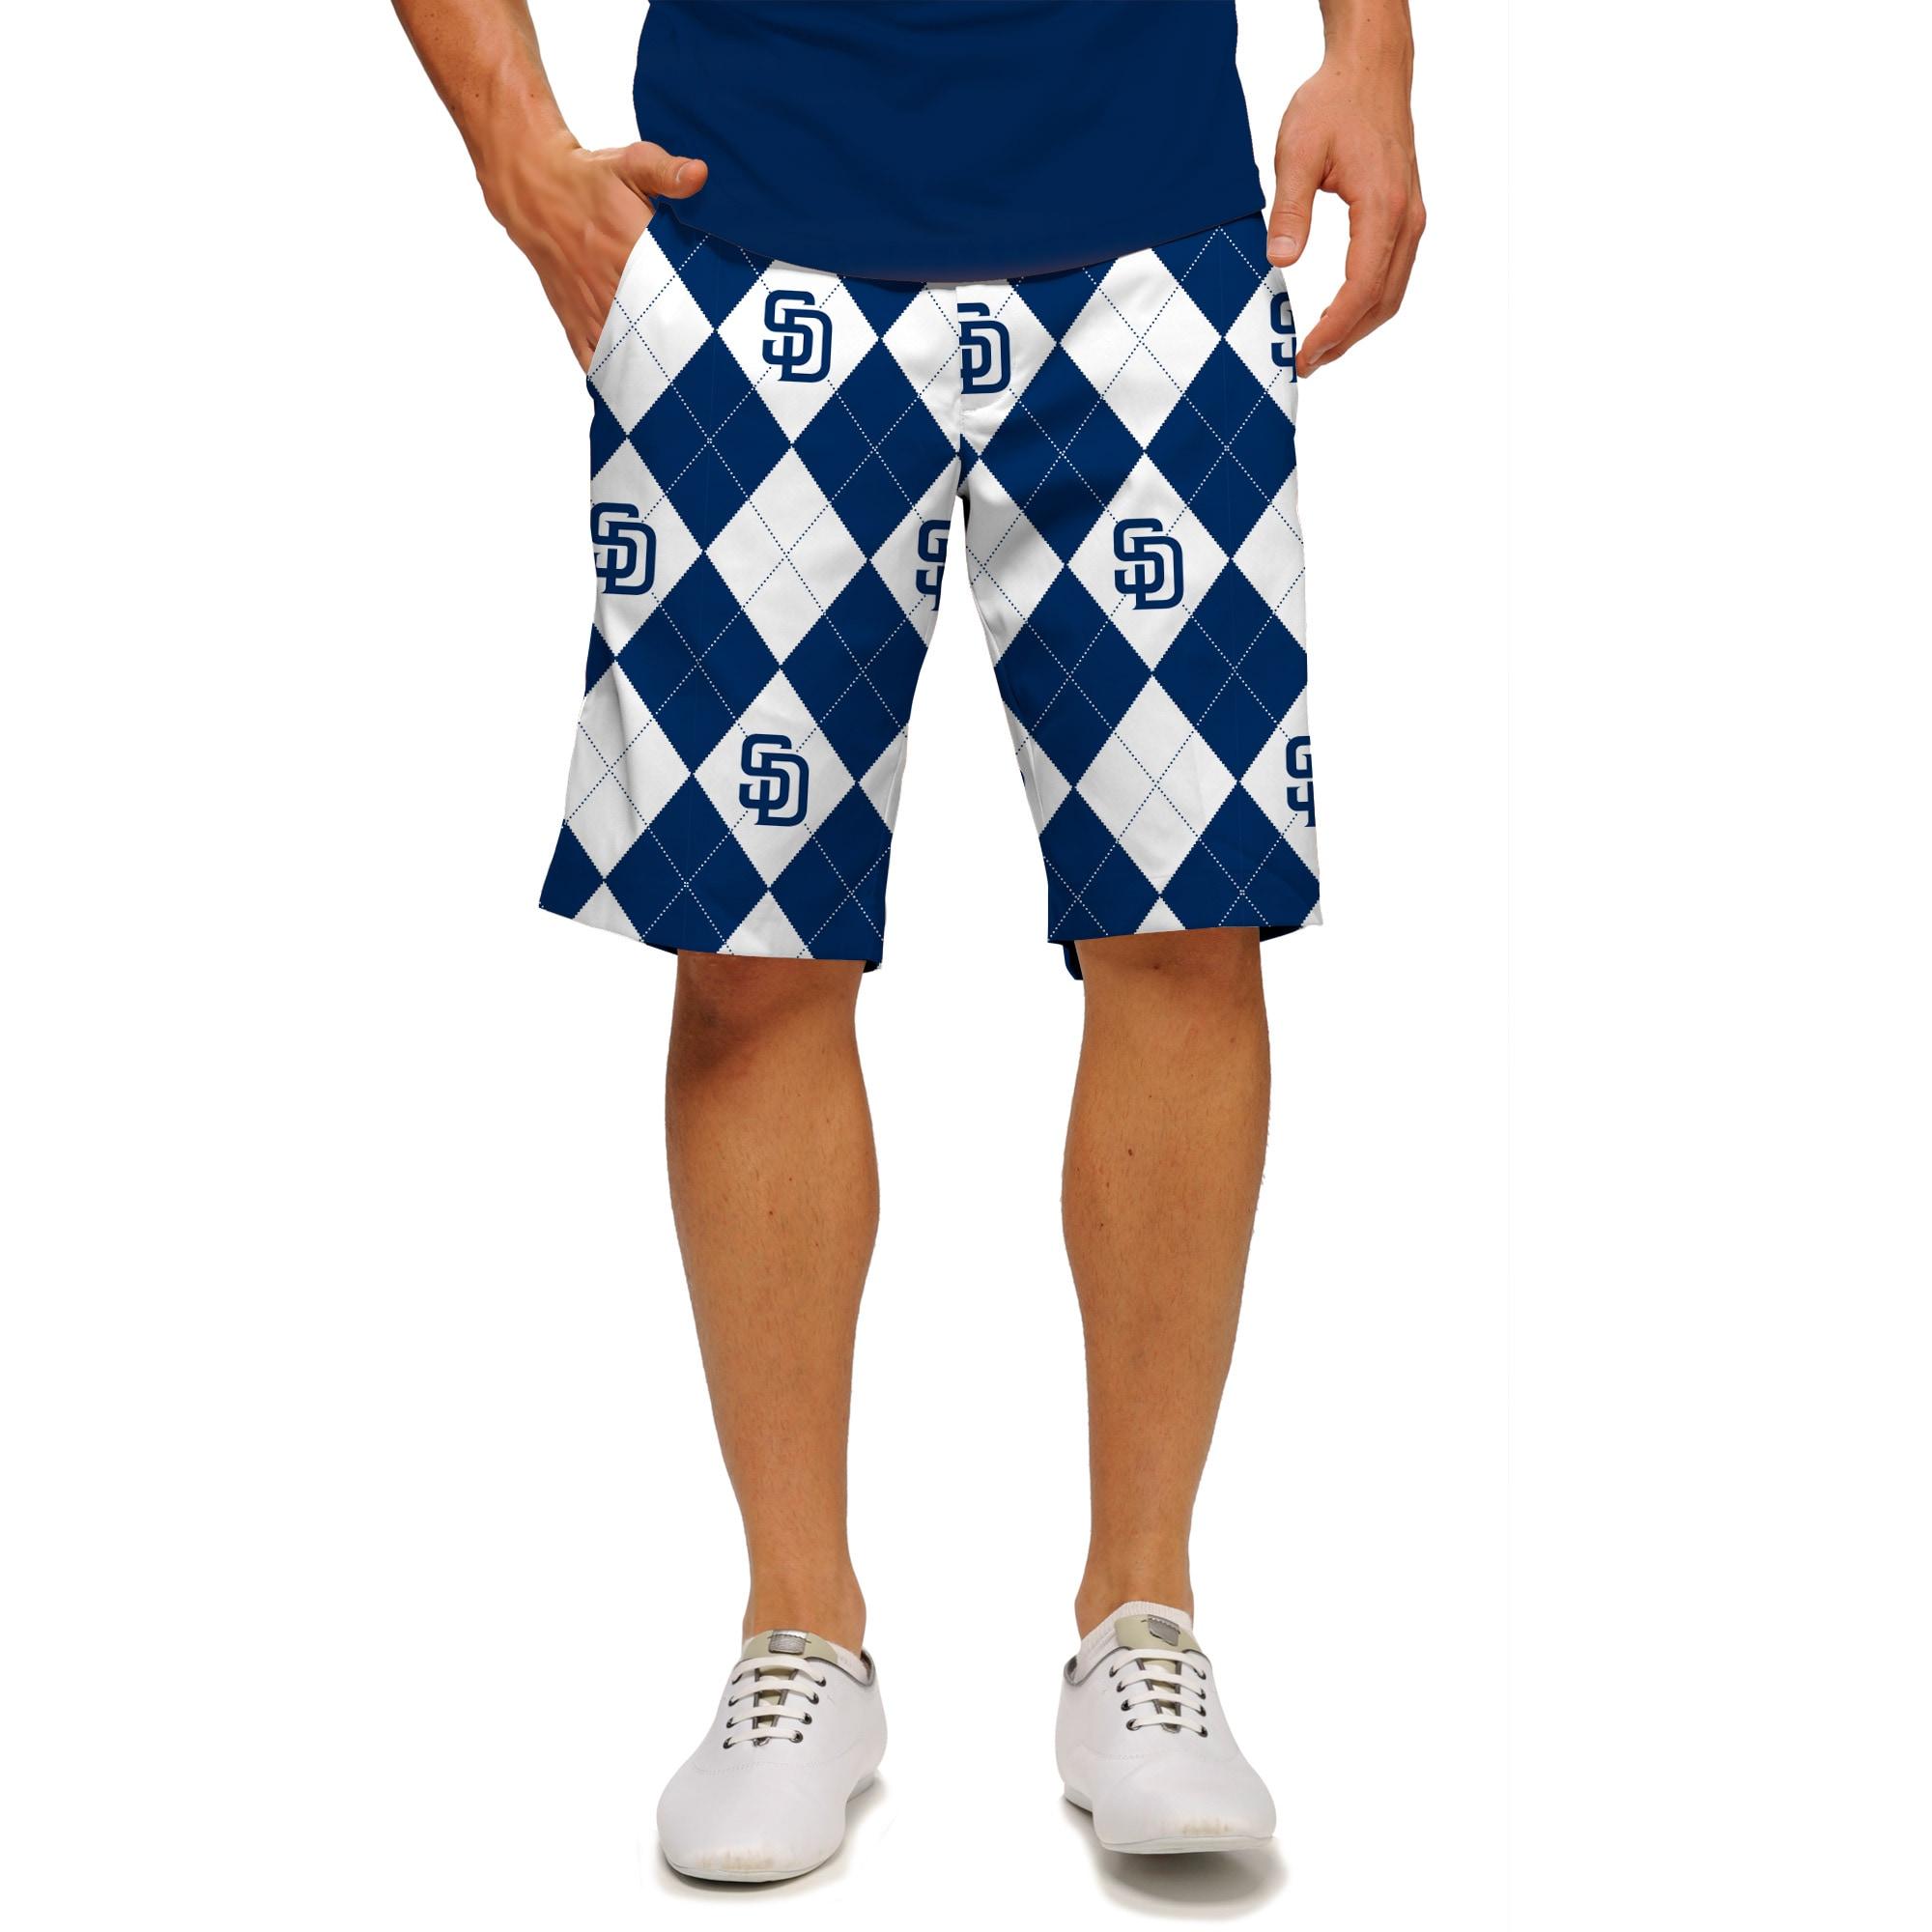 San Diego Padres Loudmouth Argyle Shorts - Navy/White